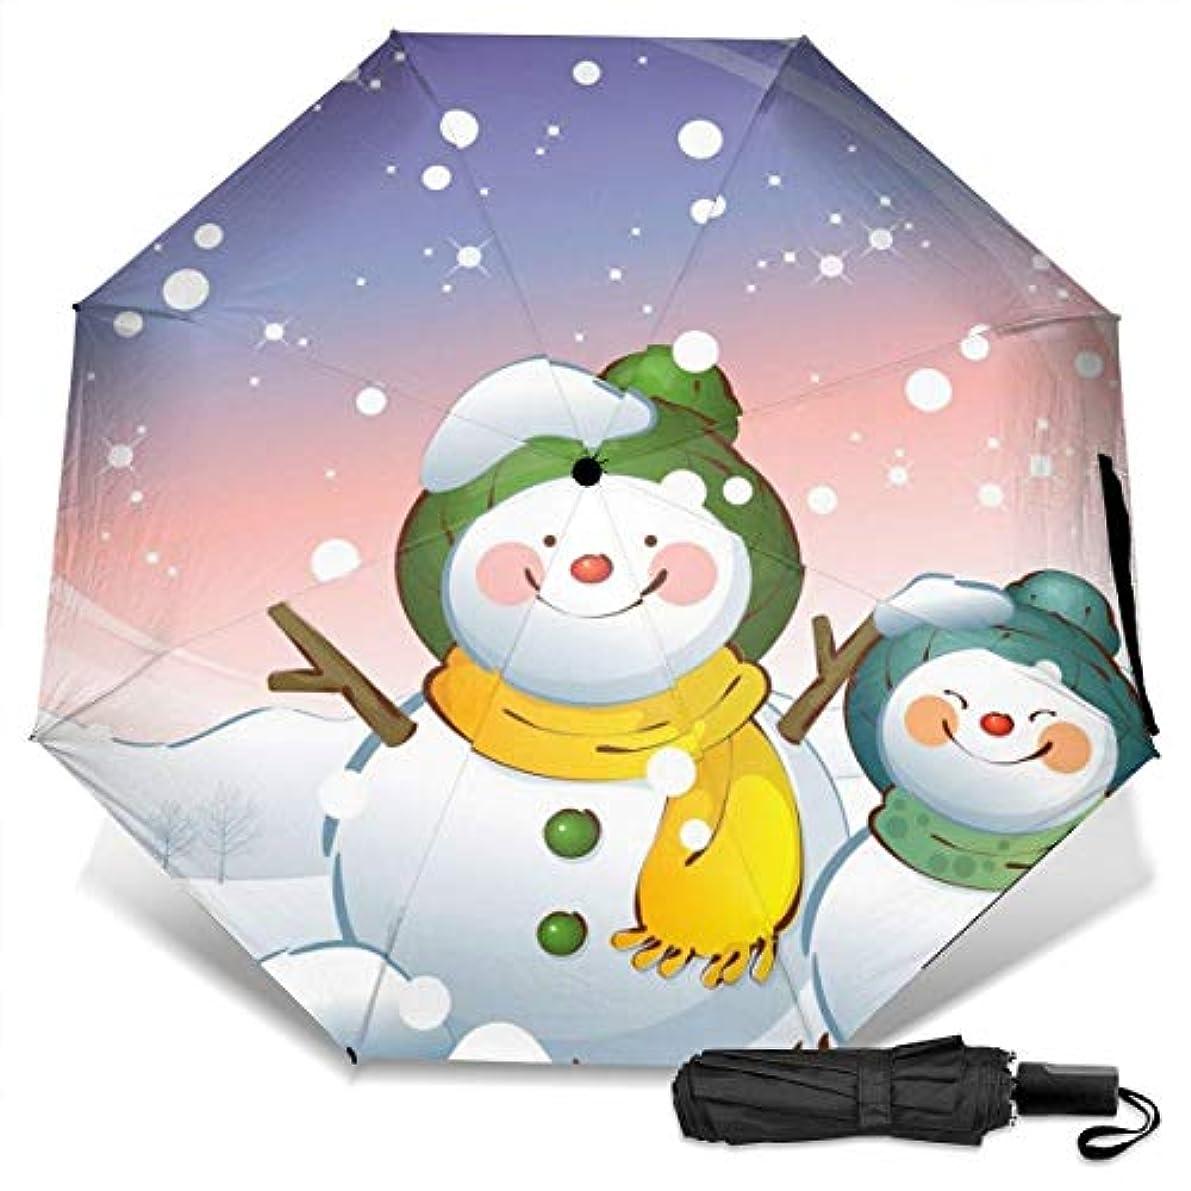 気づく遡るギャザー甘いメリークリスマスかわいい雪だるま漫画折りたたみ傘 軽量 手動三つ折り傘 日傘 耐風撥水 晴雨兼用 遮光遮熱 紫外線対策 携帯用かさ 出張旅行通勤 女性と男性用 (黒ゴム)